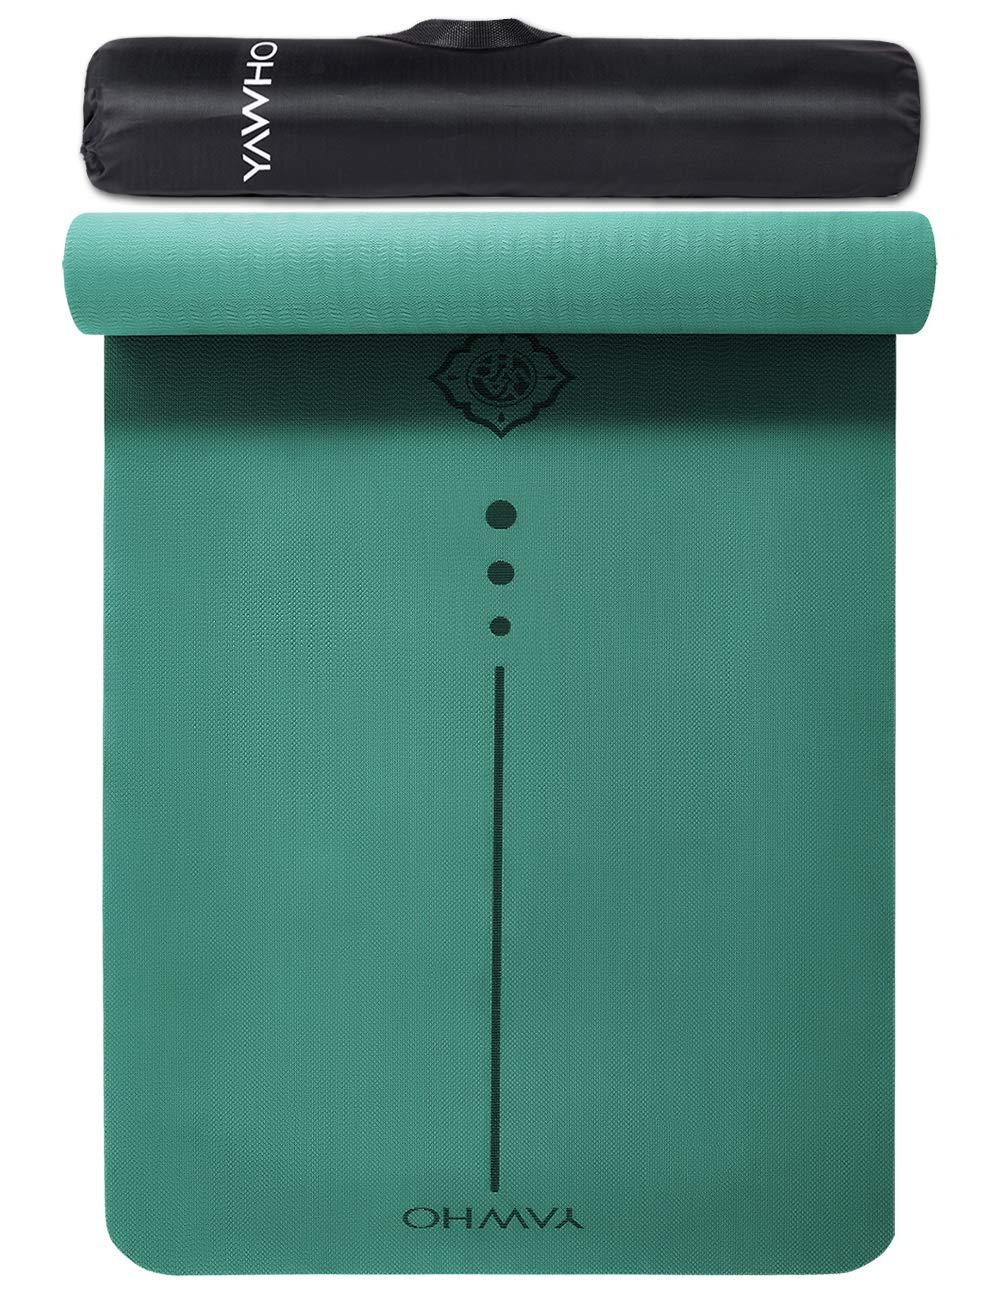 YAWHO Colchoneta de Yoga Esterilla Yoga Material medioambiental TPE,Modelo:183cmx66cm Espesor:6milímetros,Tapete de Deporte Grande y Antideslizante,Mochilas como Regalos product image